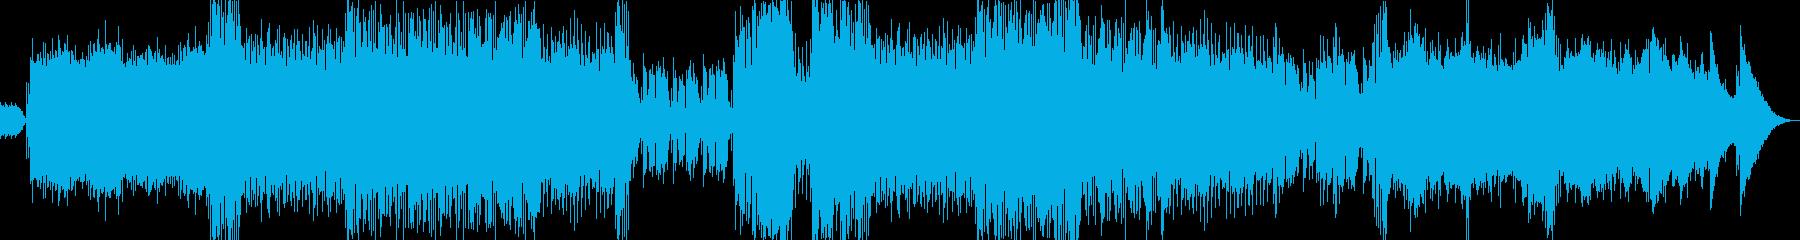 背景をポップします。感情的な歌の内...の再生済みの波形